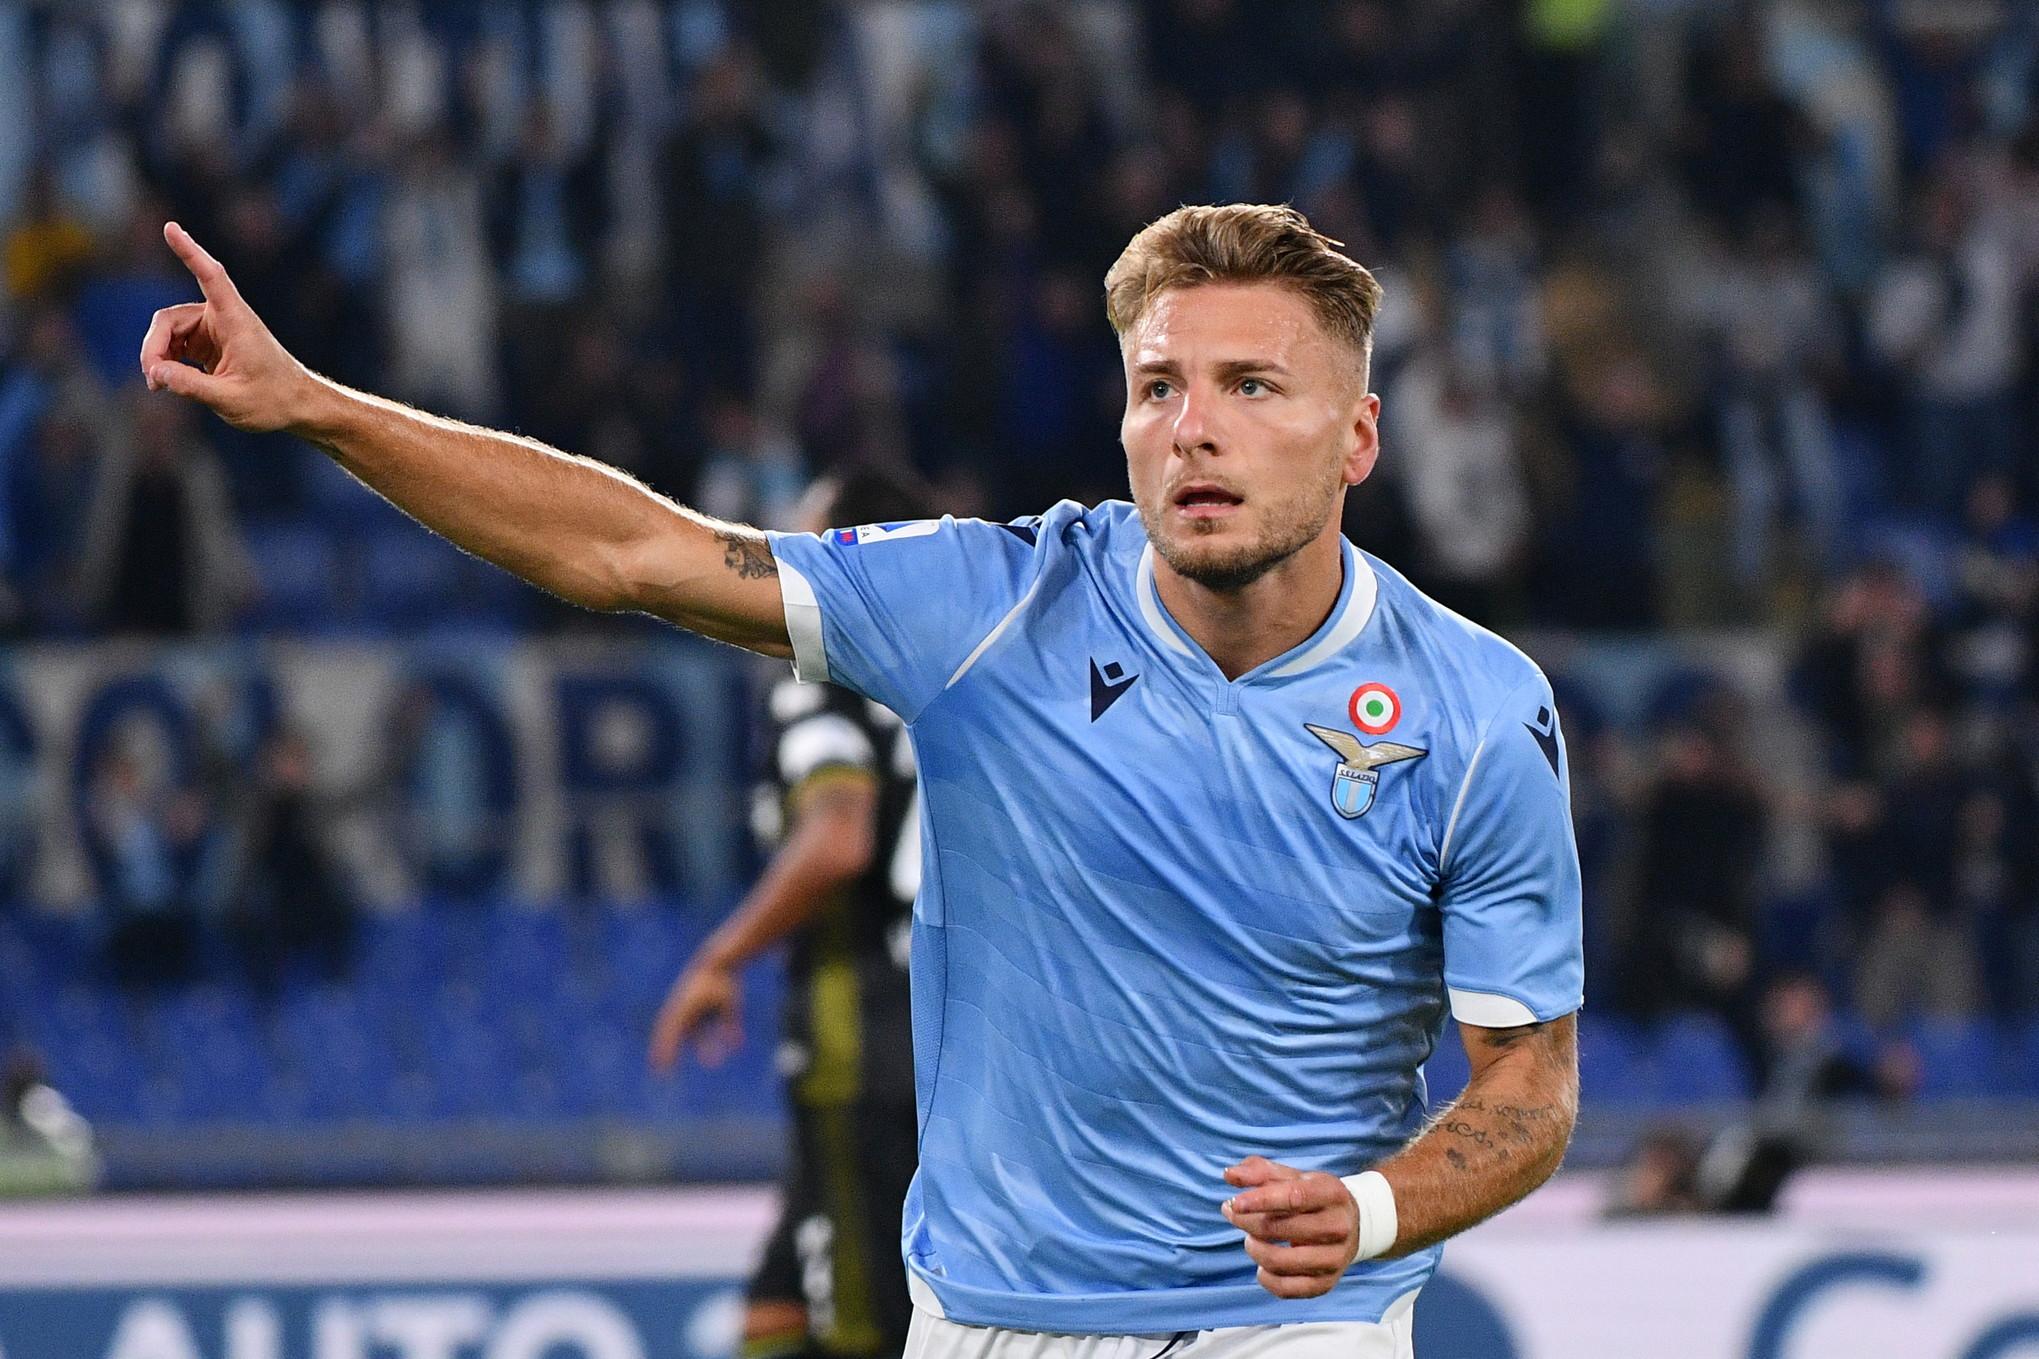 Nel posticipo della 4a giornata di Serie A, la Lazio batte 2-0 il Parma e dà un calcio alla crisi dopo due sconfitte di fila. All'Olimpico ...